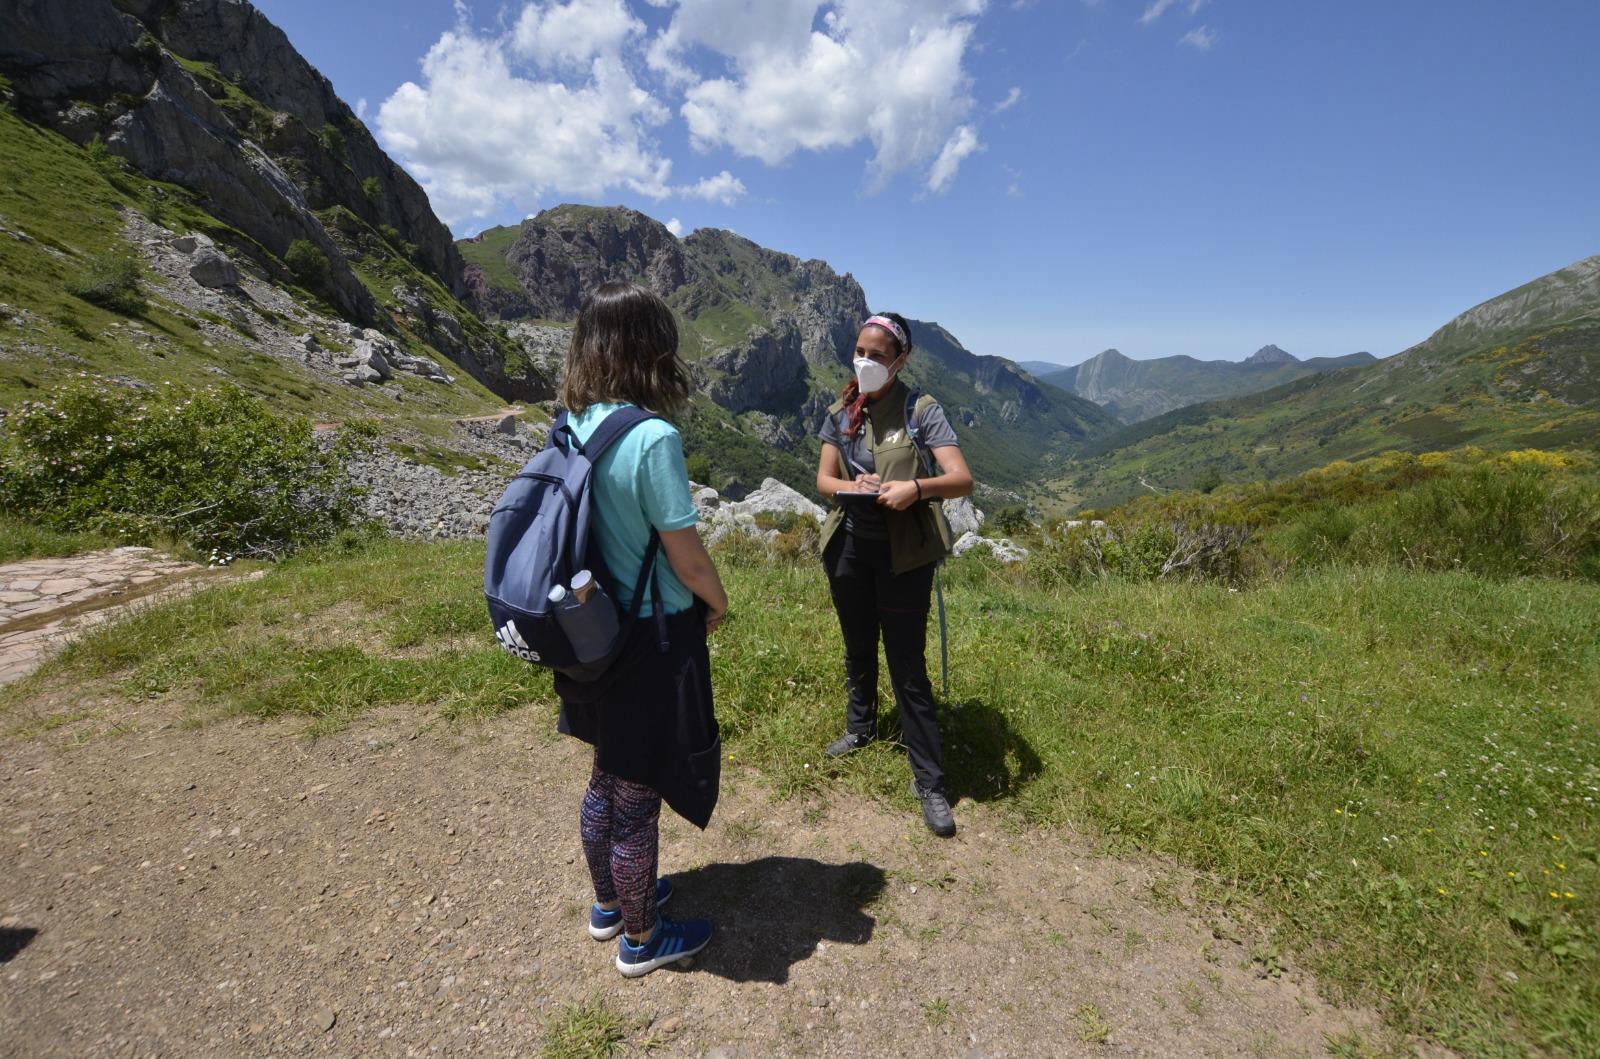 Los informadores ambientales asesoraron a más de 2.200 turistas entre julio y septiembre